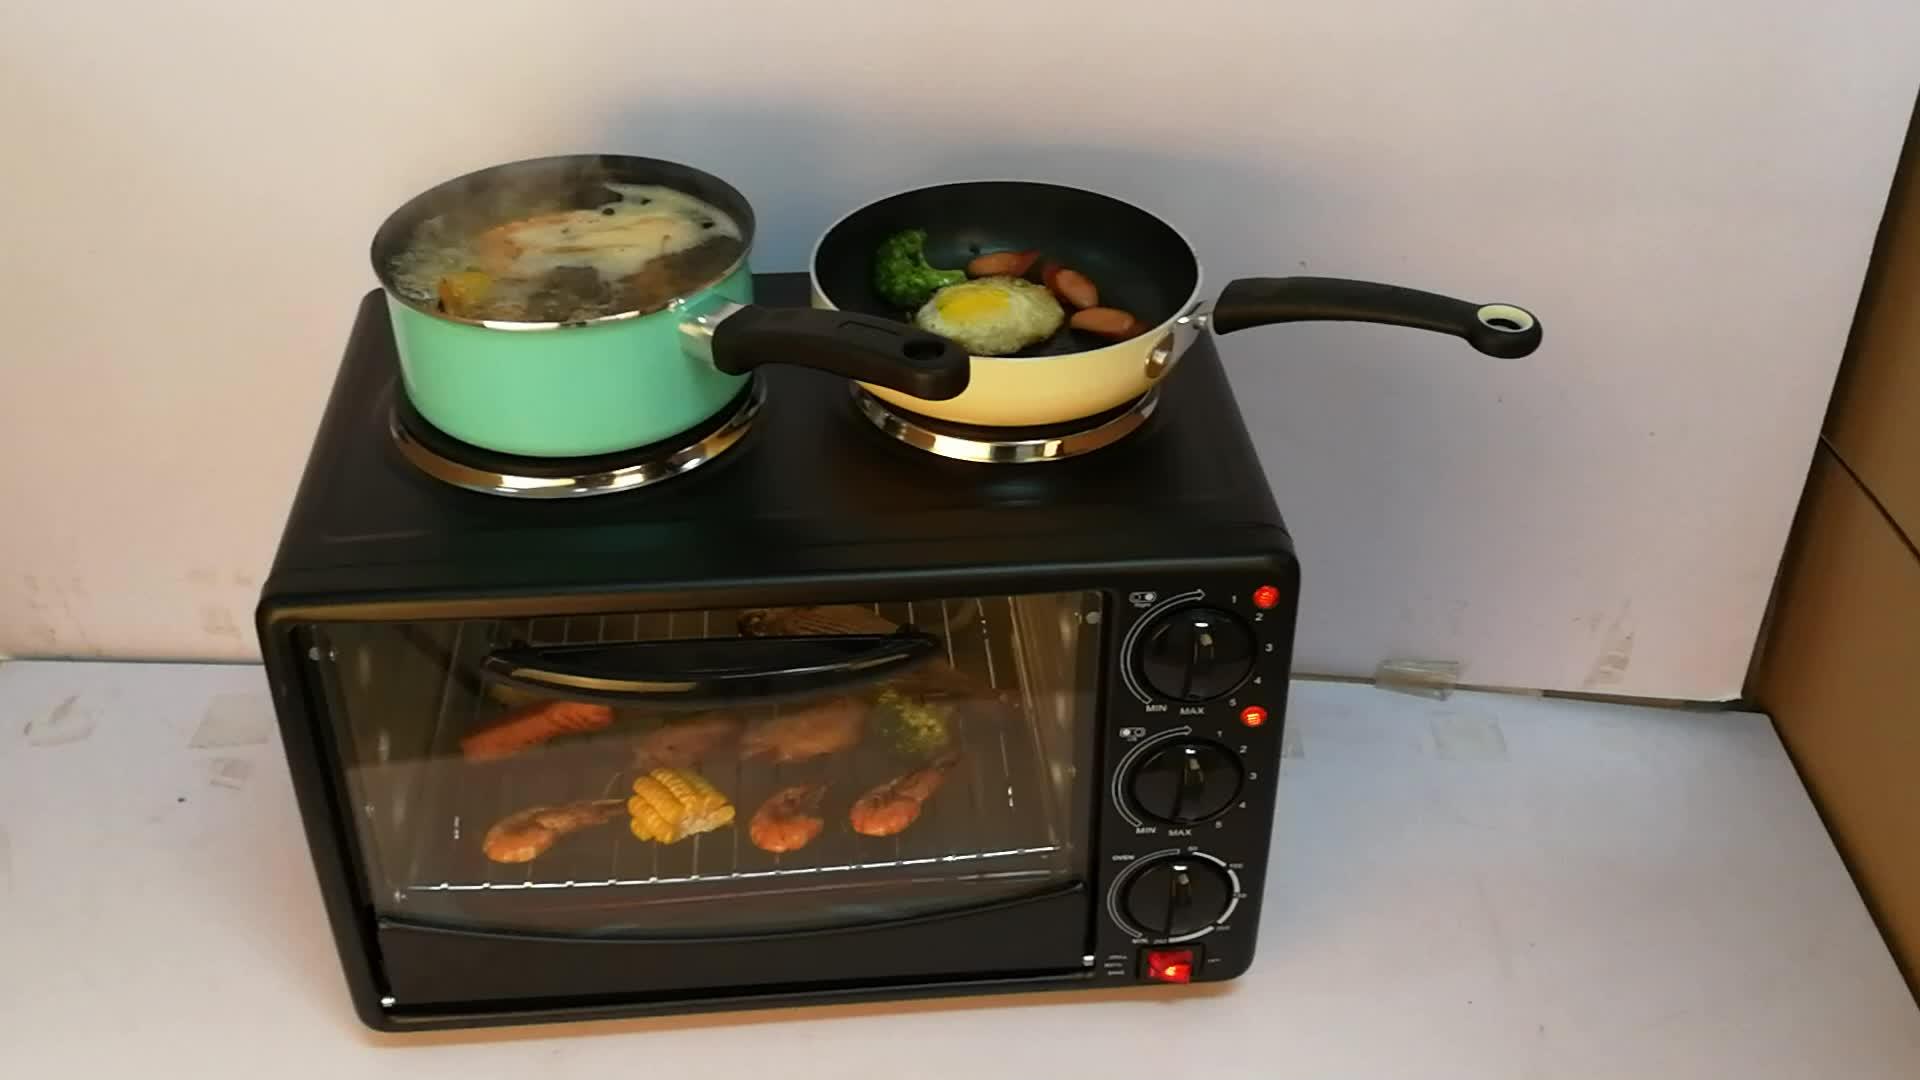 Elektrische Ofen Mit Kochplatte Elektroherd Kochplatte Kochplatte Elektroofen Elektrische Brenner